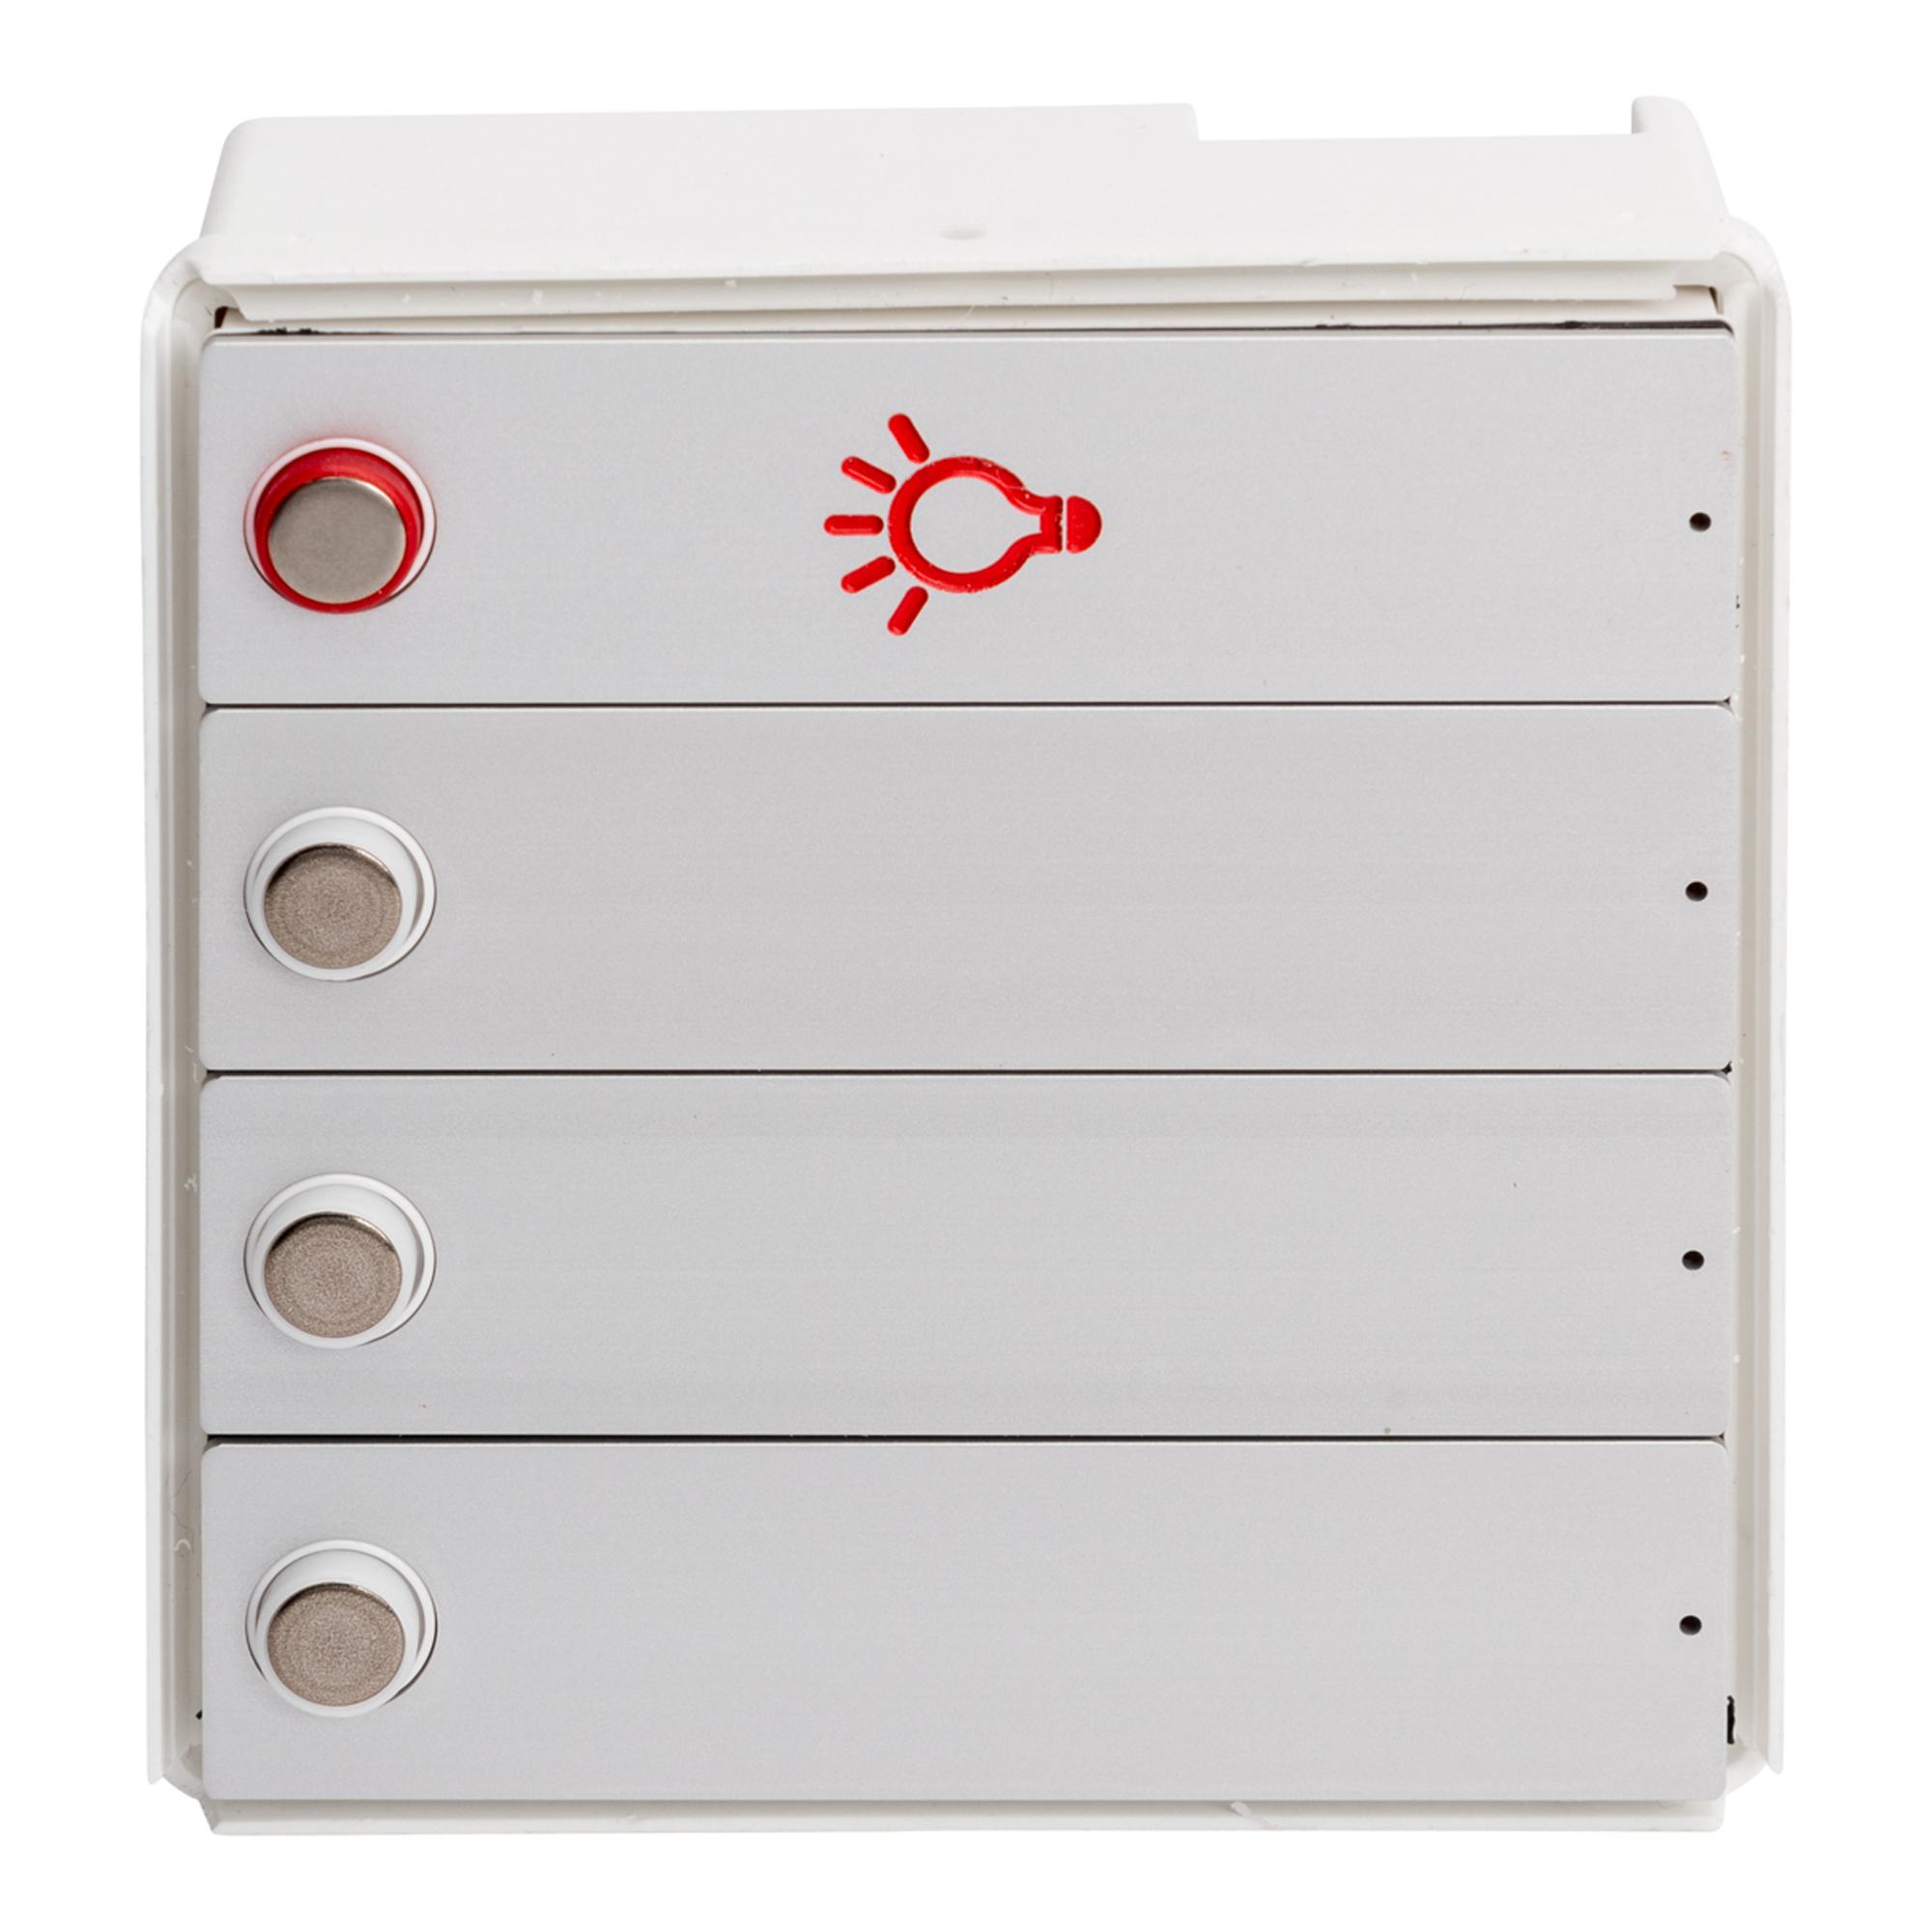 RENZ Tastenmodul RSA2 kompakt - 3 Klingel- & 1 Lichttaster-Aluminium 97-9-85328